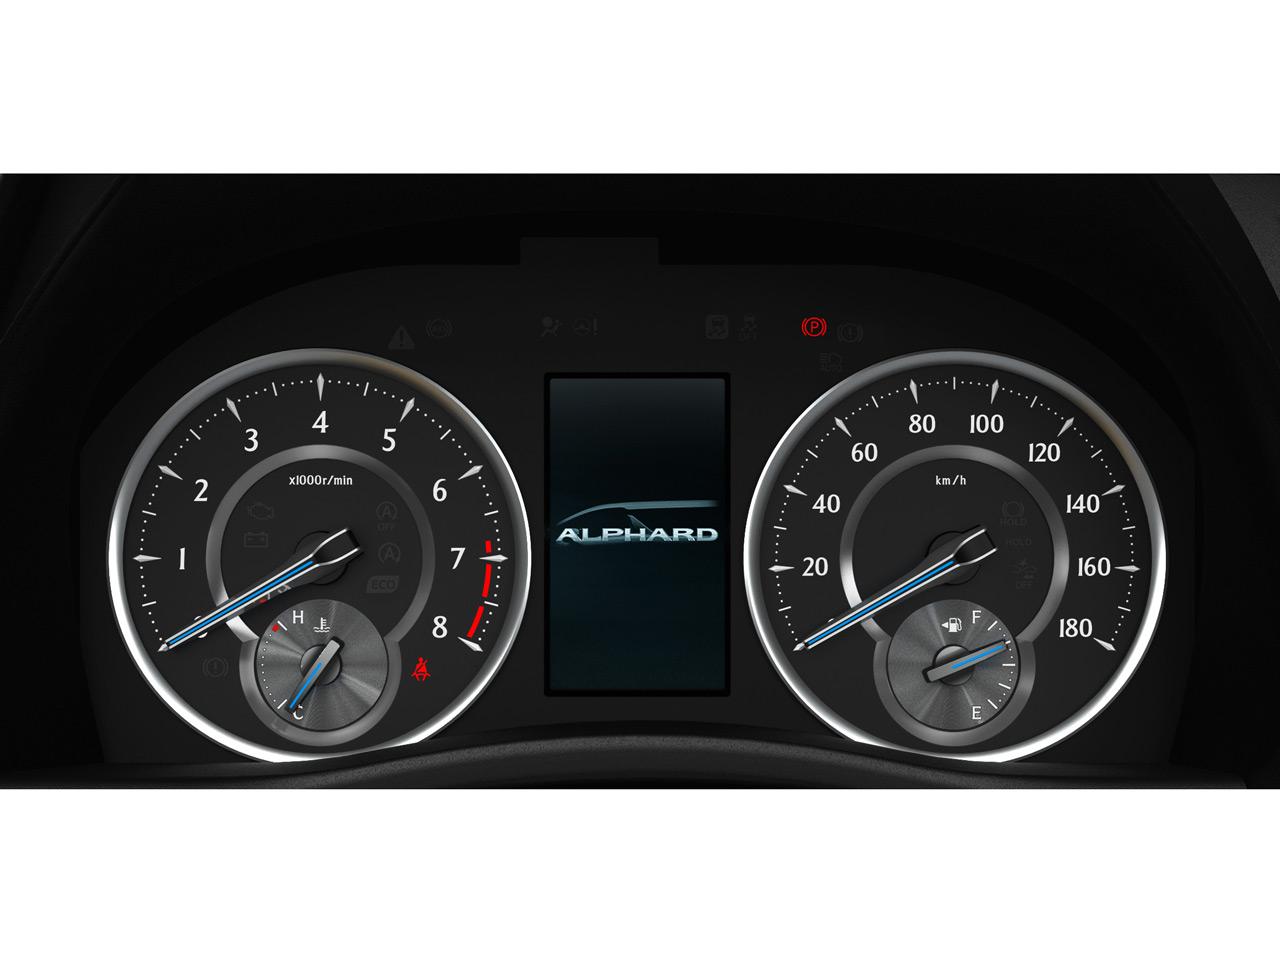 『インテリア2』 アルファード 2015年モデル の製品画像